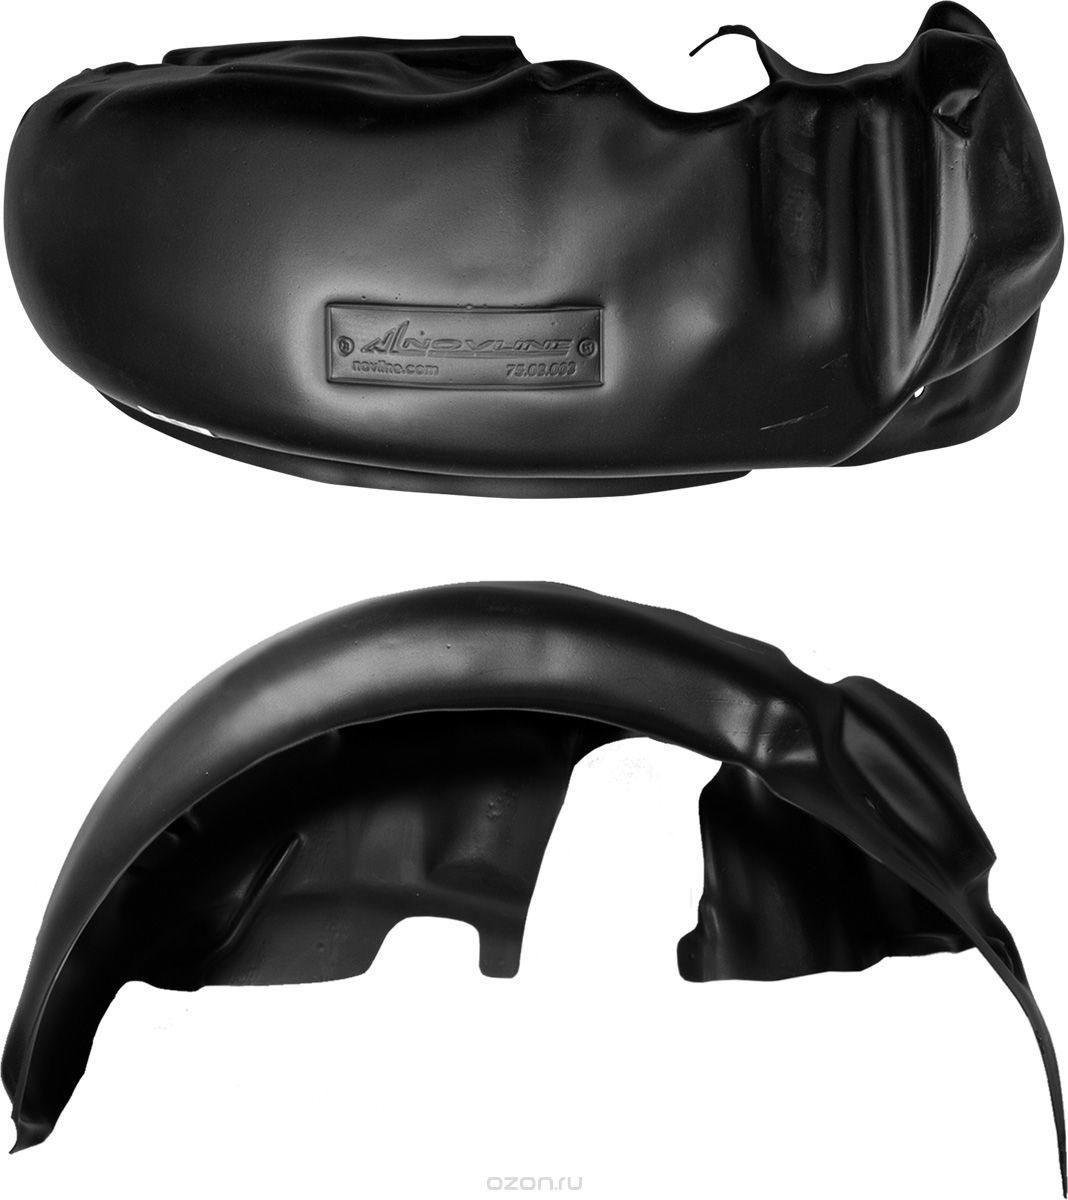 Подкрылок Novline-Autofamily, для PEUGEOT Boxer 2006-2014, без расширителей арок, передний левыйNLL.38.18.001Идеальная защита колесной ниши. Локеры разработаны с применением цифровых технологий, гарантируют максимальную повторяемость поверхности арки. Изделия устанавливаются без нарушения лакокрасочного покрытия автомобиля, каждый подкрылок комплектуется крепежом. Уважаемые клиенты, обращаем ваше внимание, что фотографии на подкрылки универсальные и не отражают реальную форму изделия. При этом само изделие идет точно под размер указанного автомобиля.